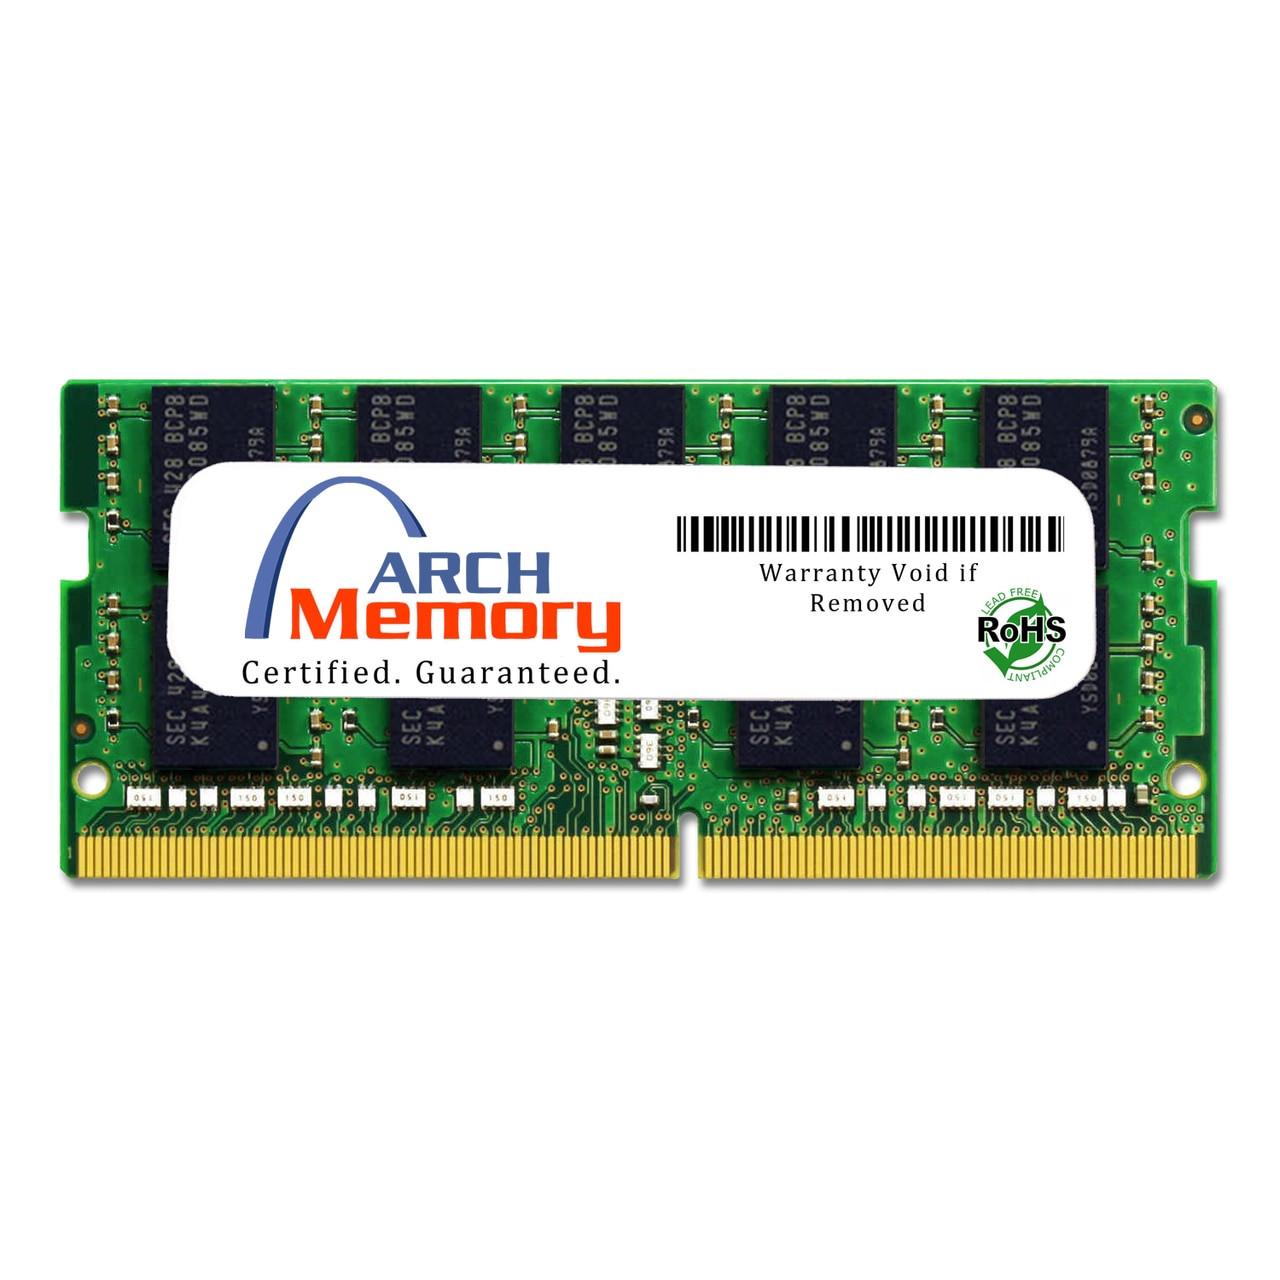 16GB 260-Pin DDR4-2933 PC4-23466 ECC Sodimm RAM